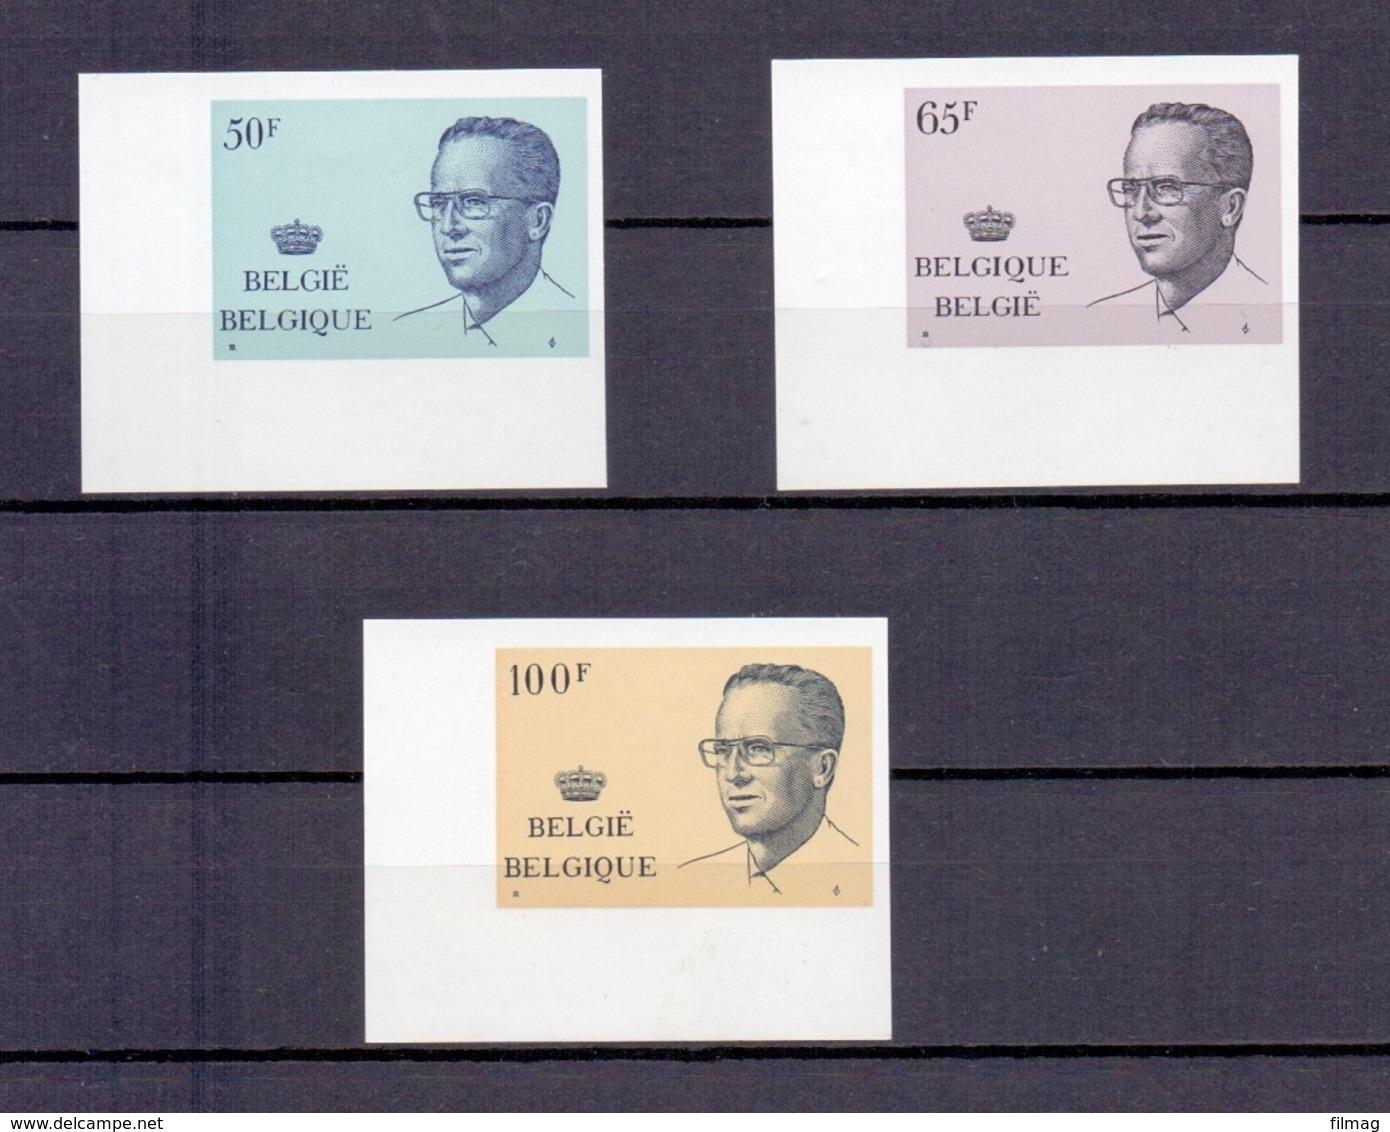 2022/24 KONING BOUDEWIJN MET BRIL ONGETAND POSTFRIS**  1981 CAT:100 Euro - Belgique